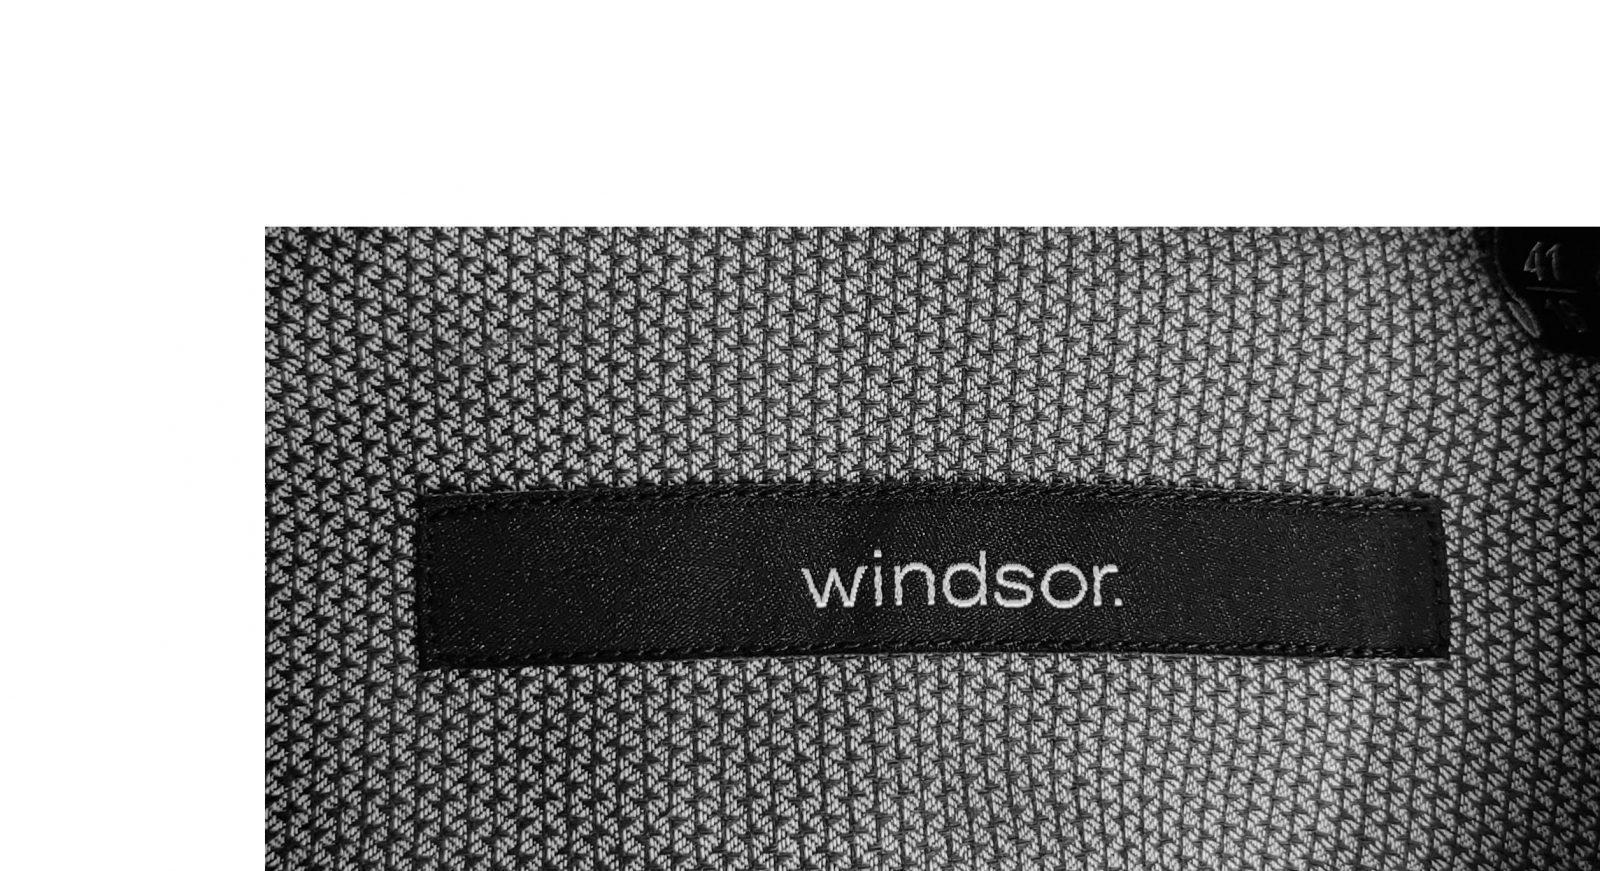 Логотип бренда Windsor - История бренда Windsor